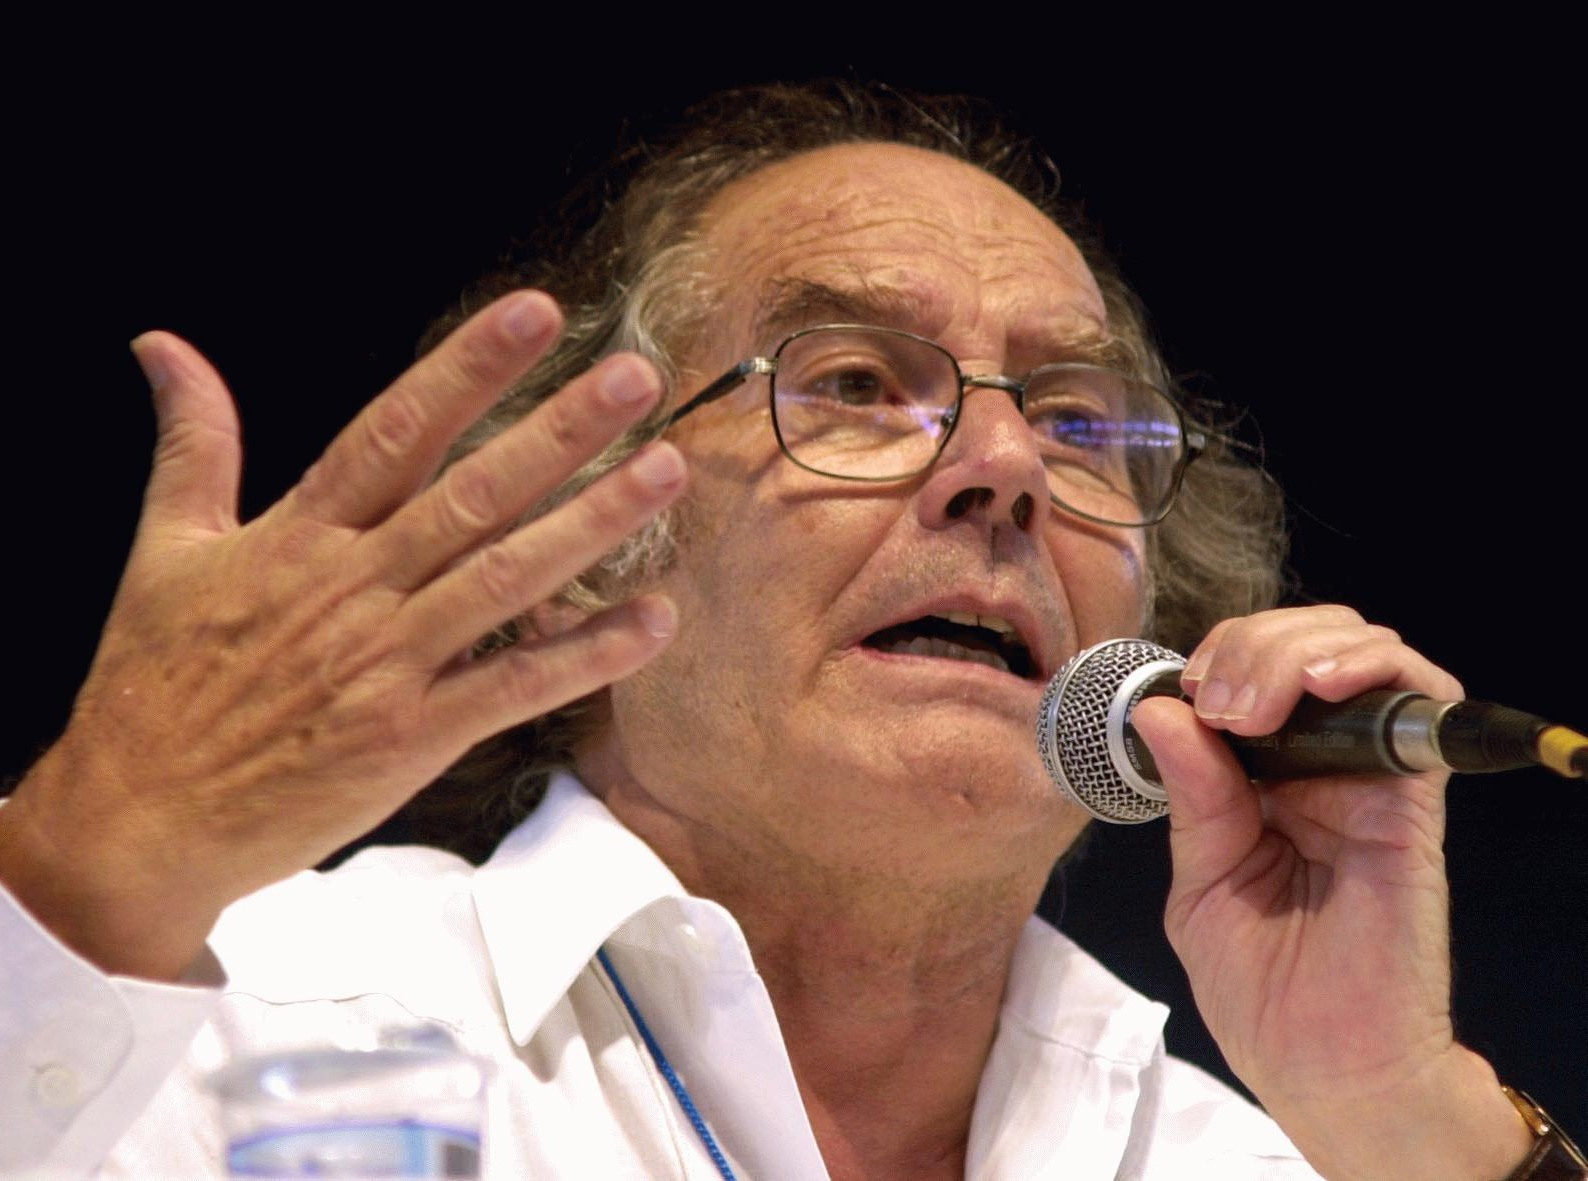 Veja o que saiu no Migalhas sobre Adolfo Pérez Esquivel